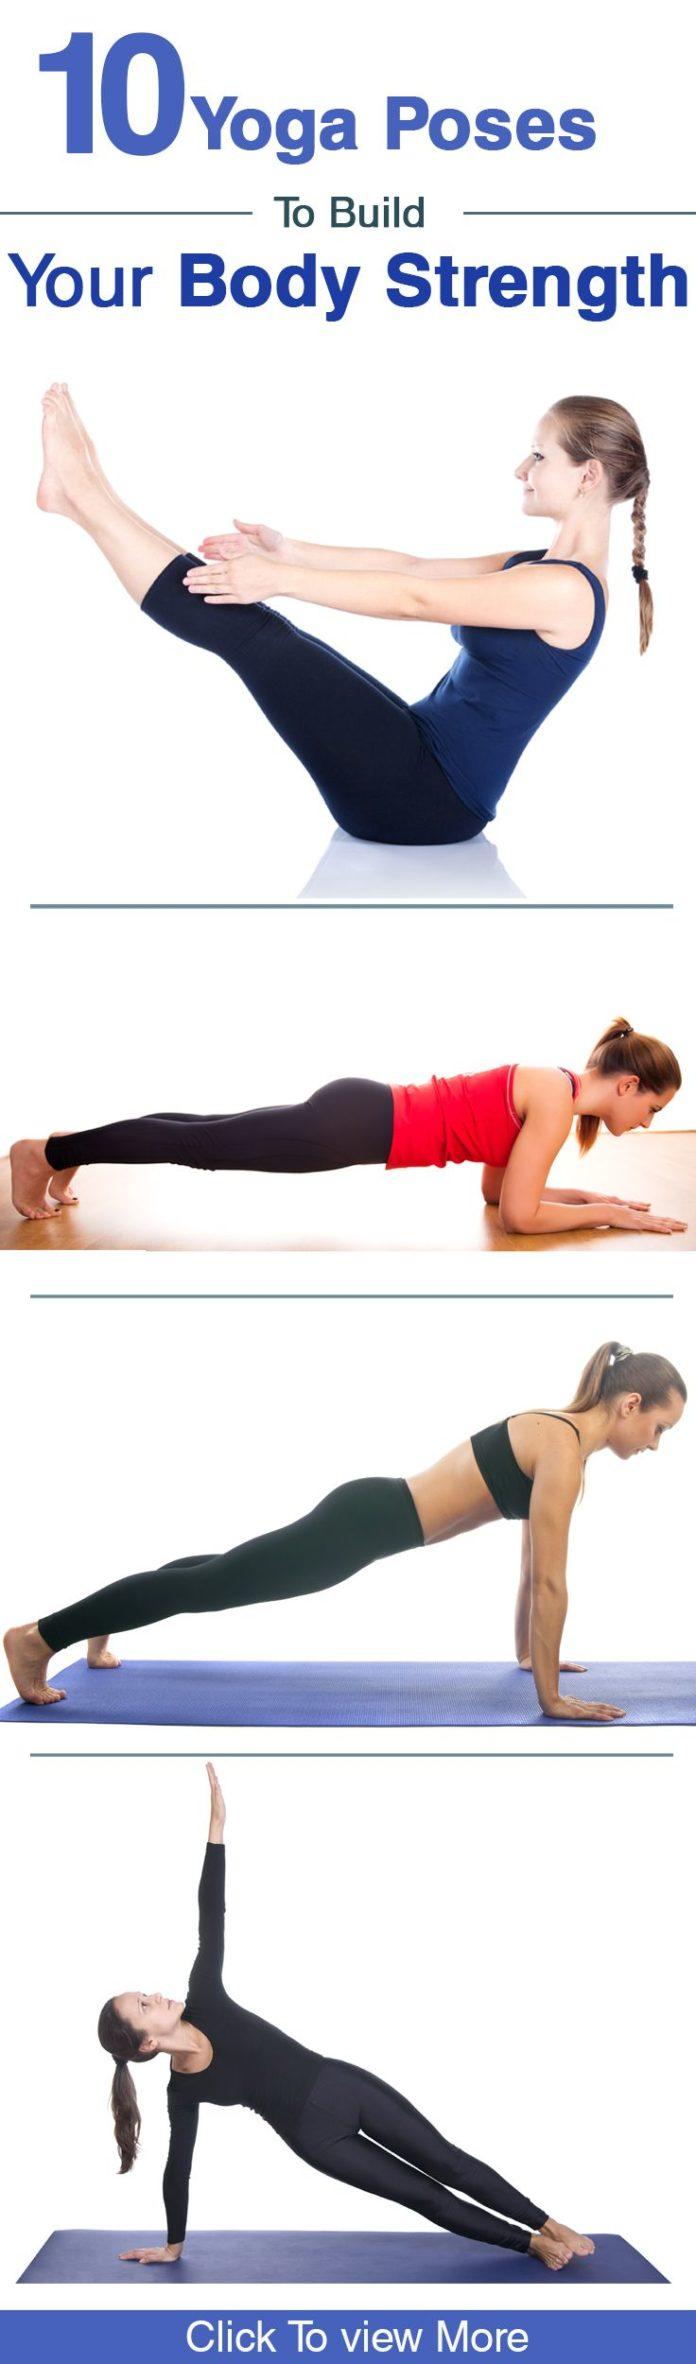 exercice du yoga 11 poses de yoga efficaces pour construire votre force corporelle virtual. Black Bedroom Furniture Sets. Home Design Ideas